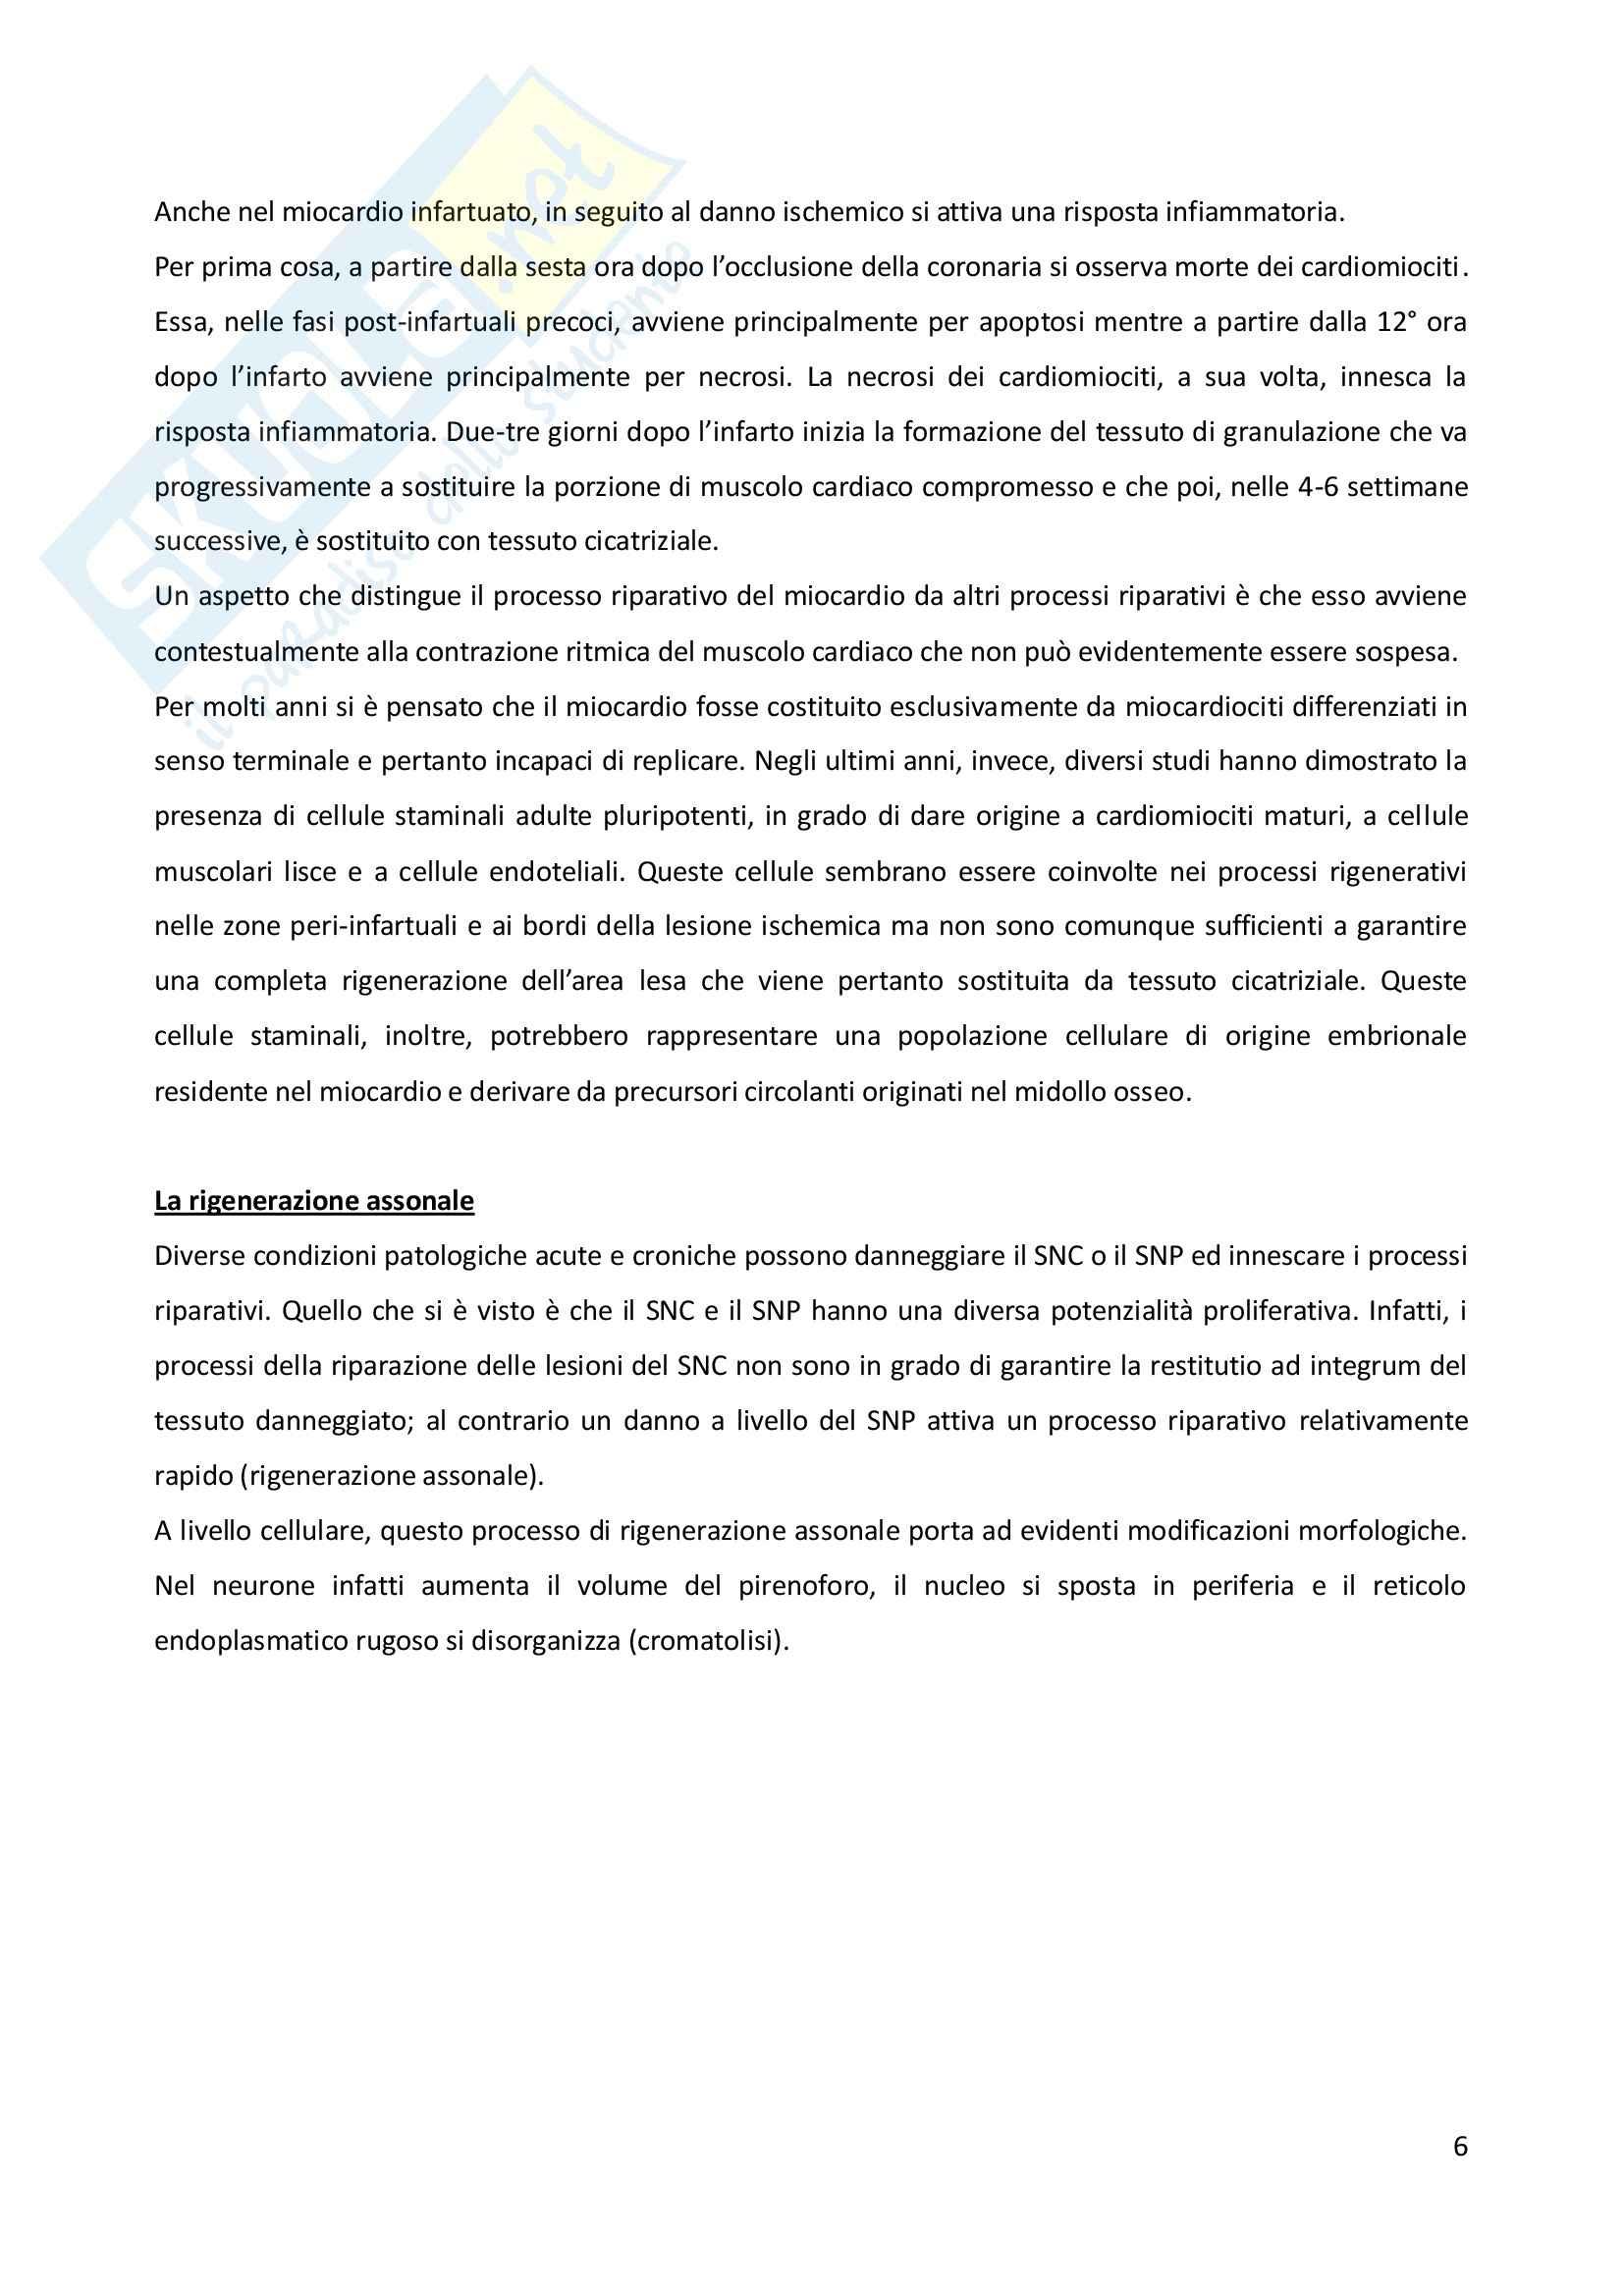 Biologia e genetica - il processo riparativo Pag. 6